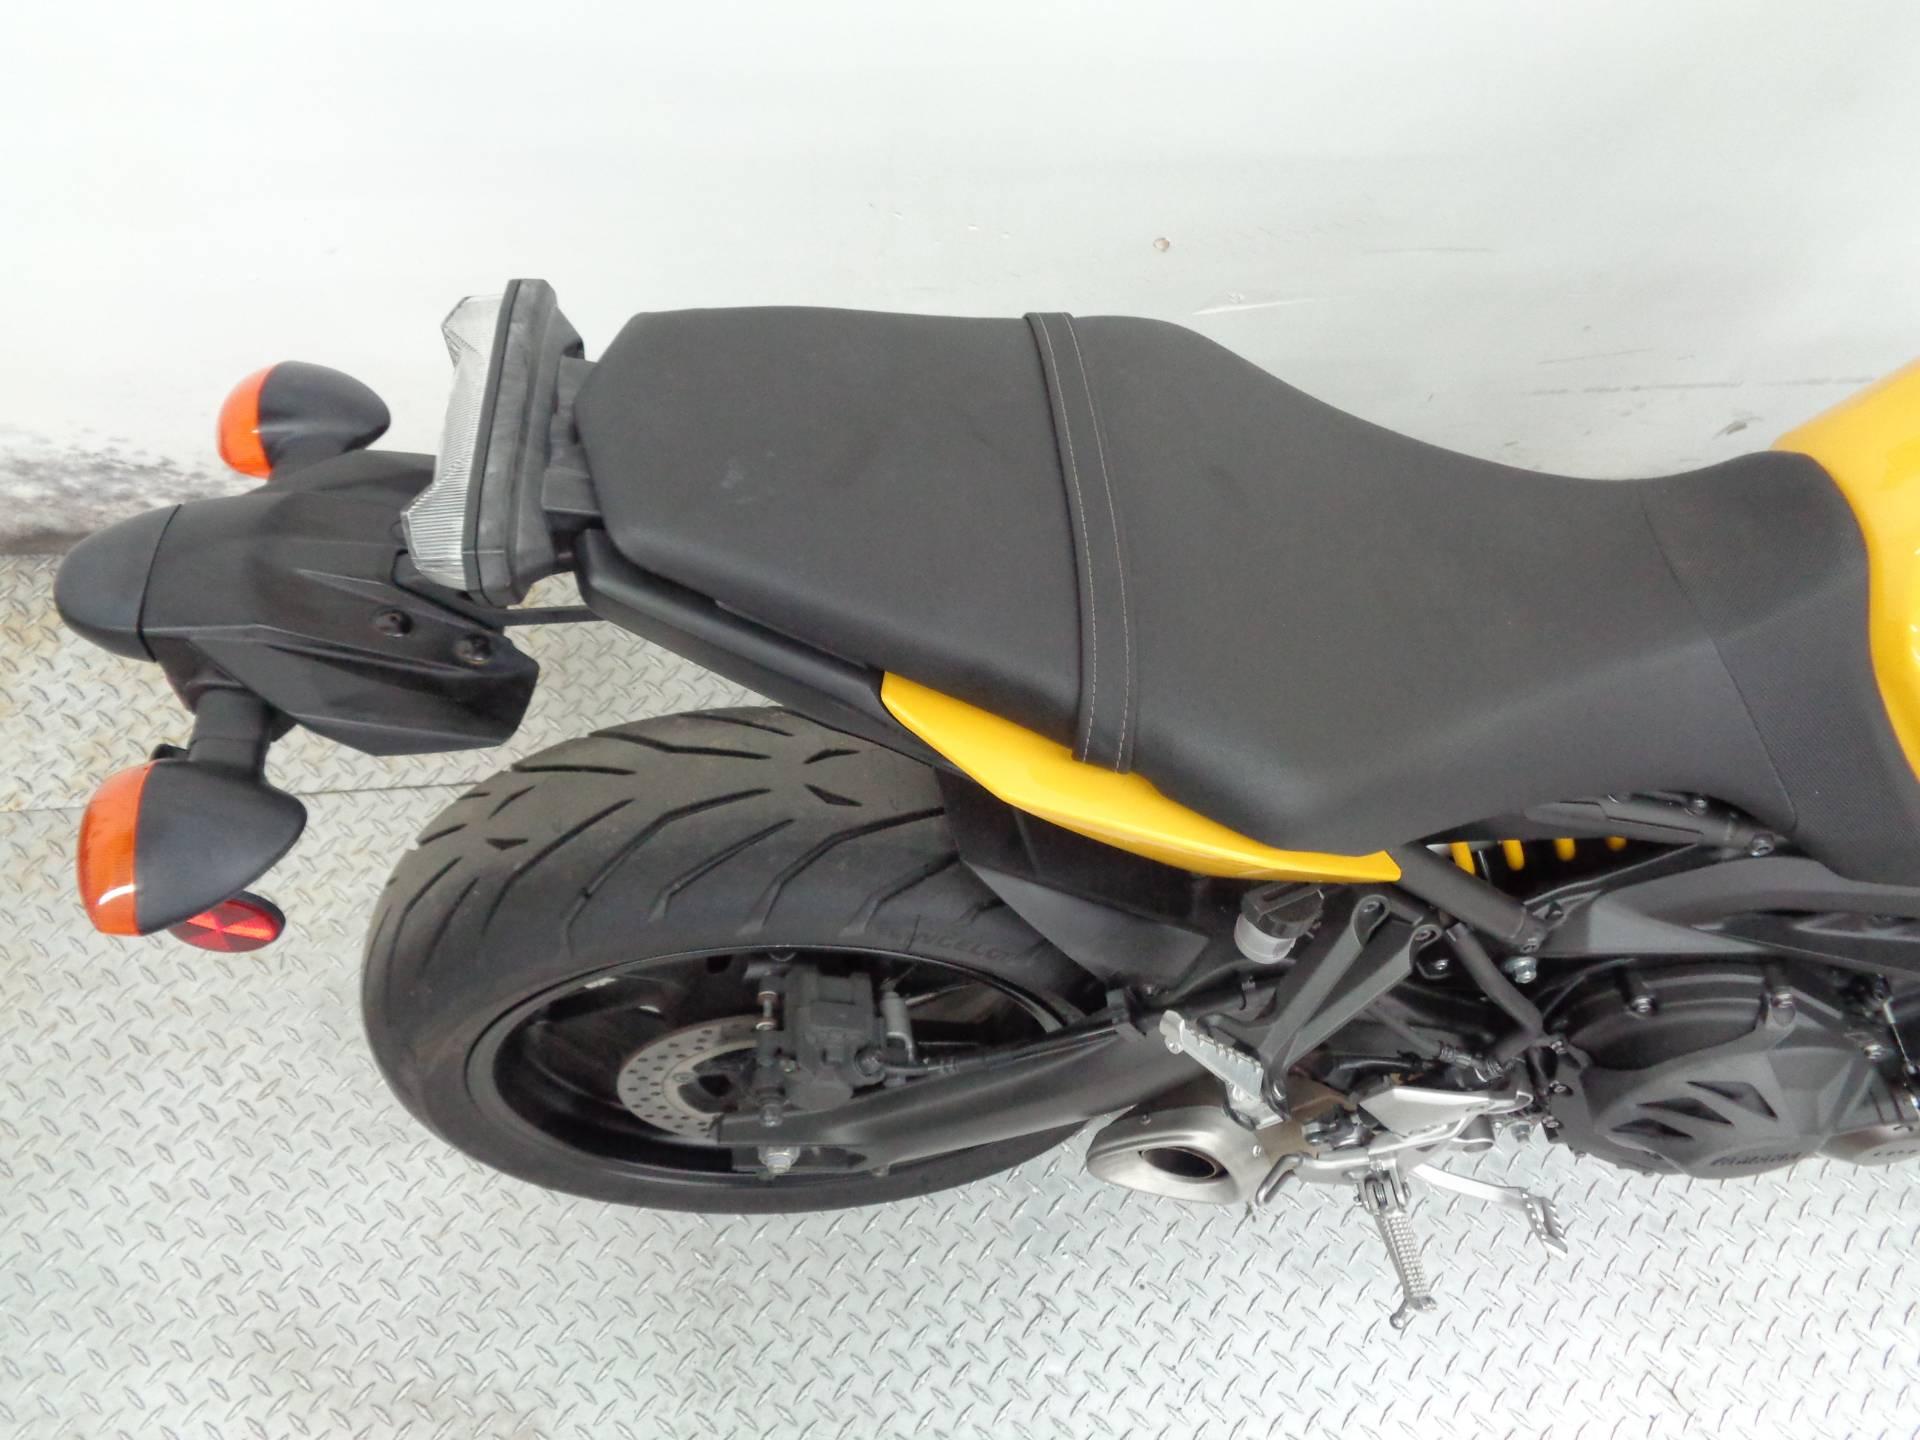 2015 Yamaha FZ-09 7